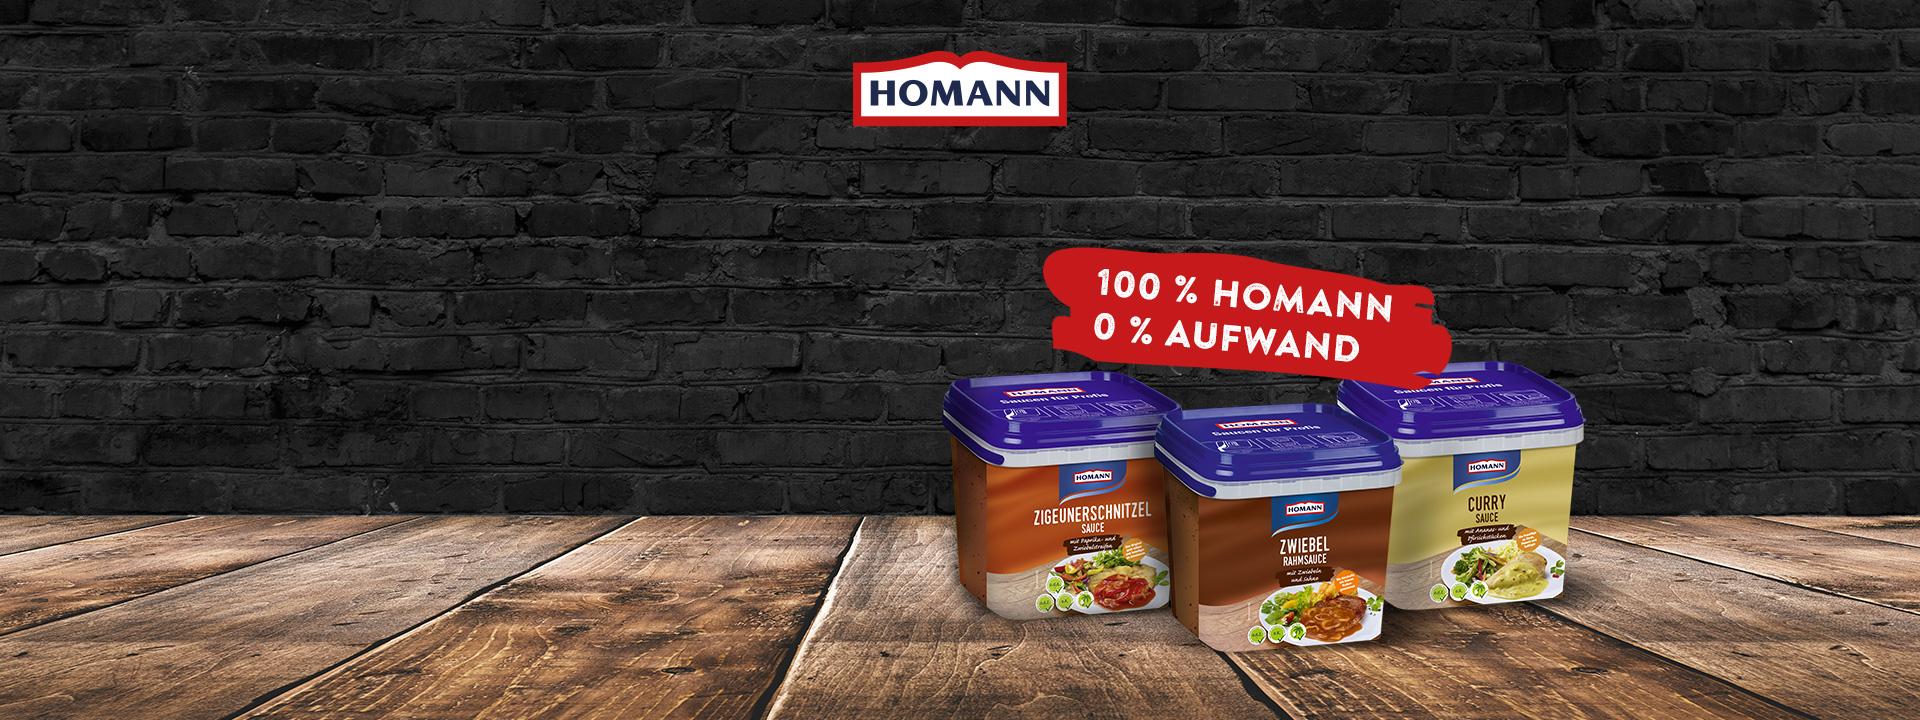 [Gewerbe?] Homann Saucen Probierpaket